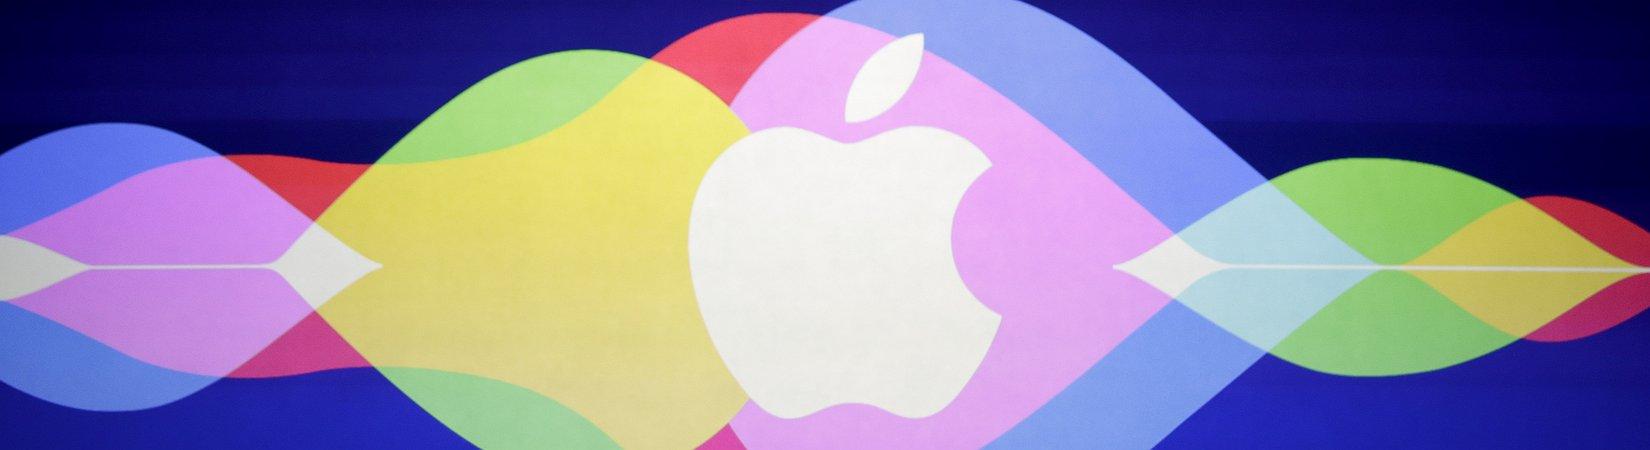 7 Pontos-chave a analisar nos resultados trimestrais da Apple